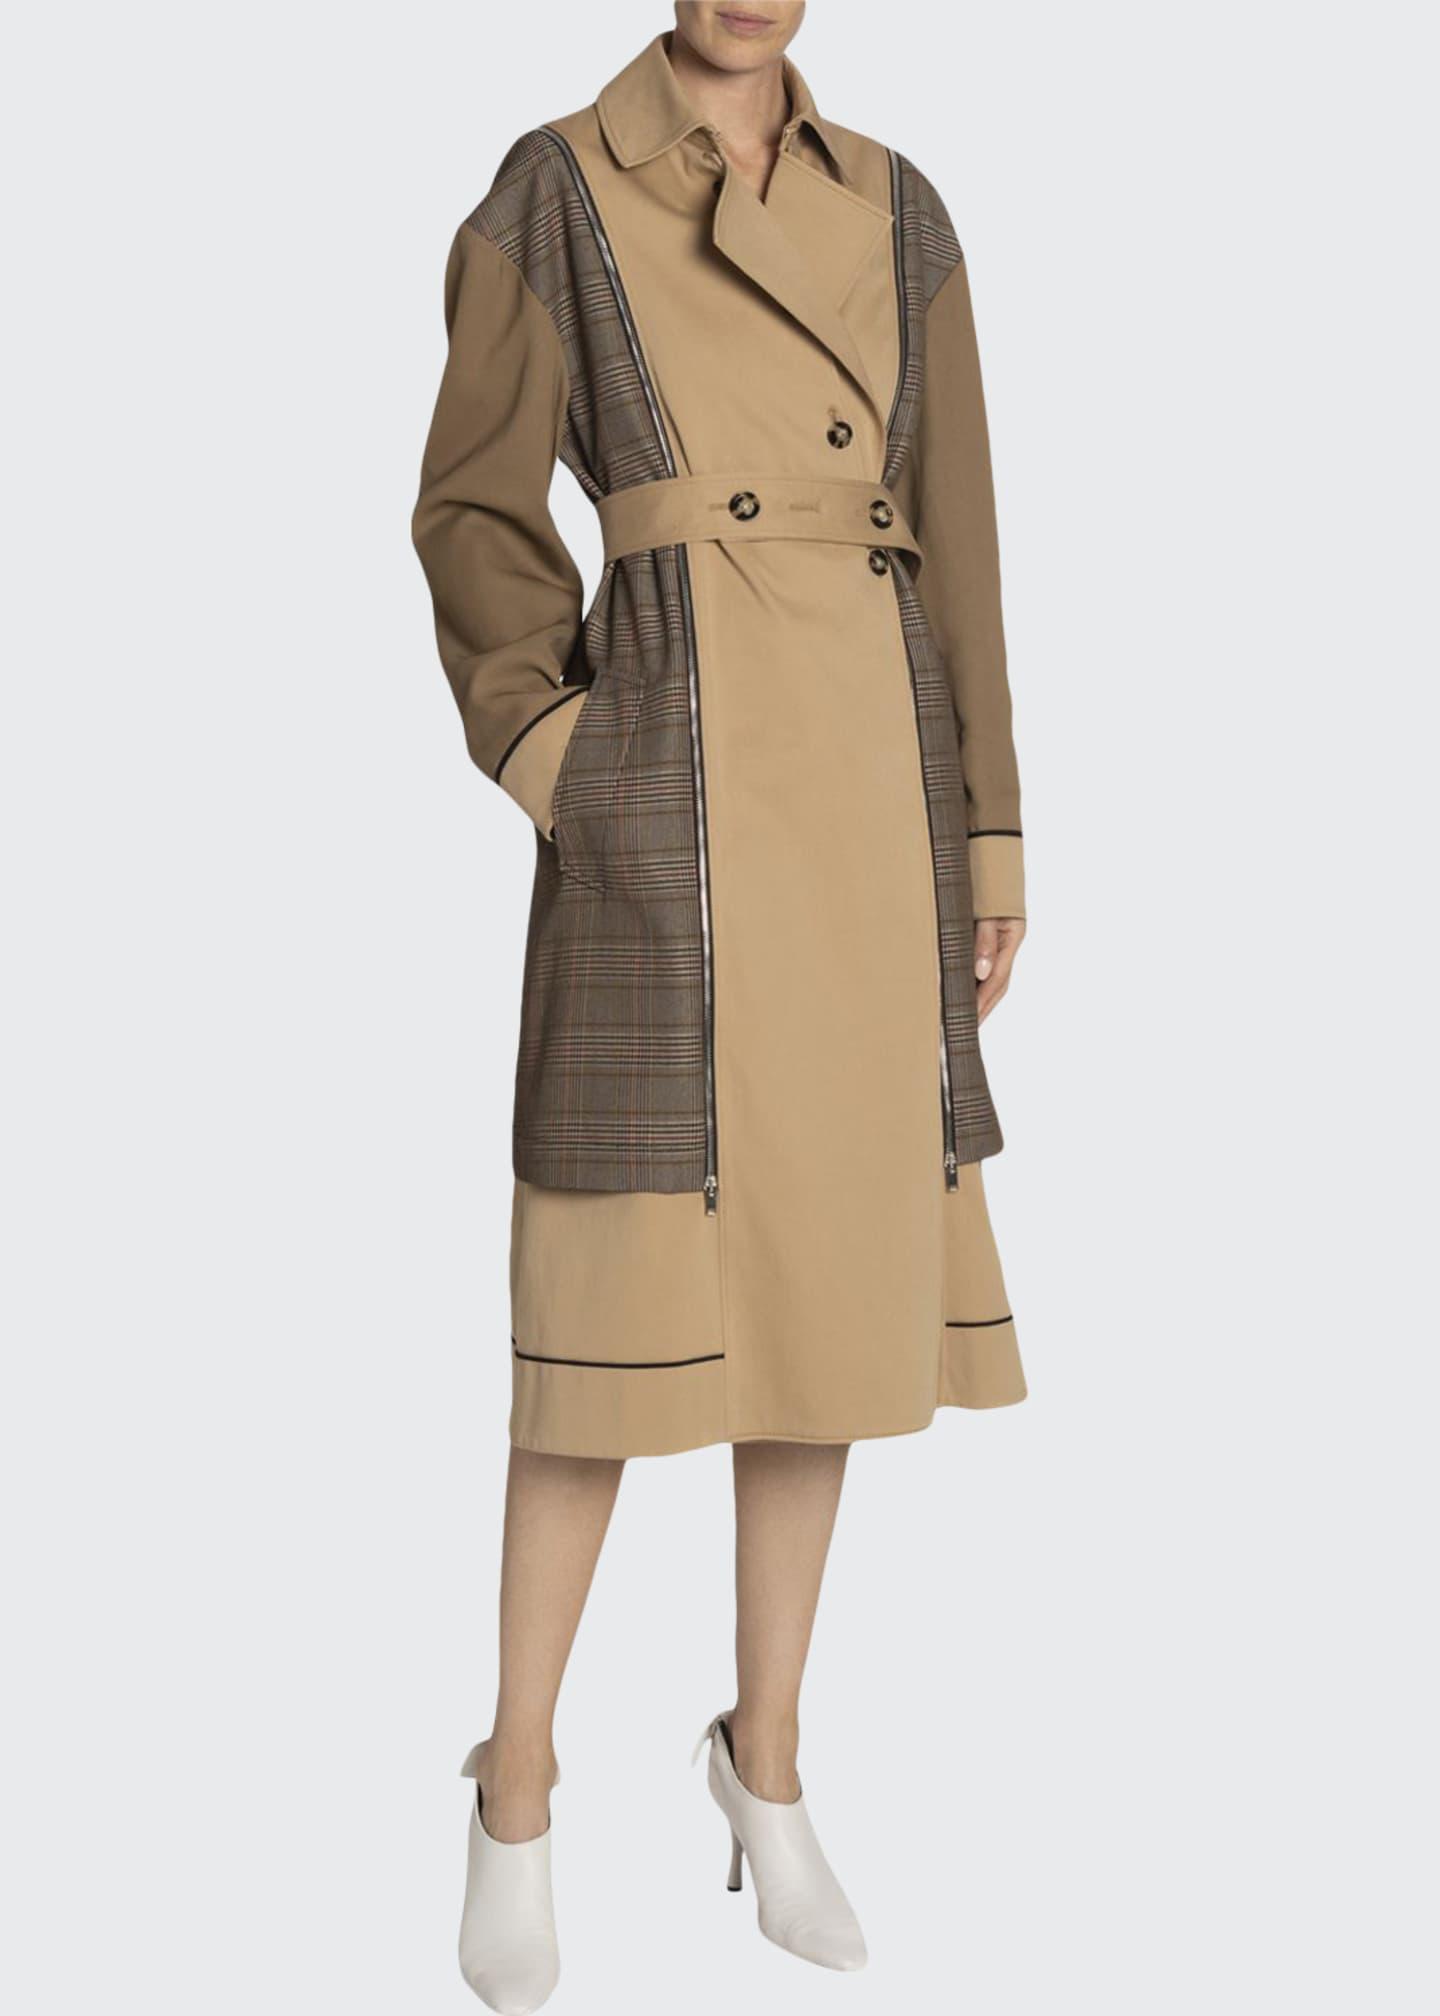 Proenza Schouler Glen Plaid Belted Trench Coat